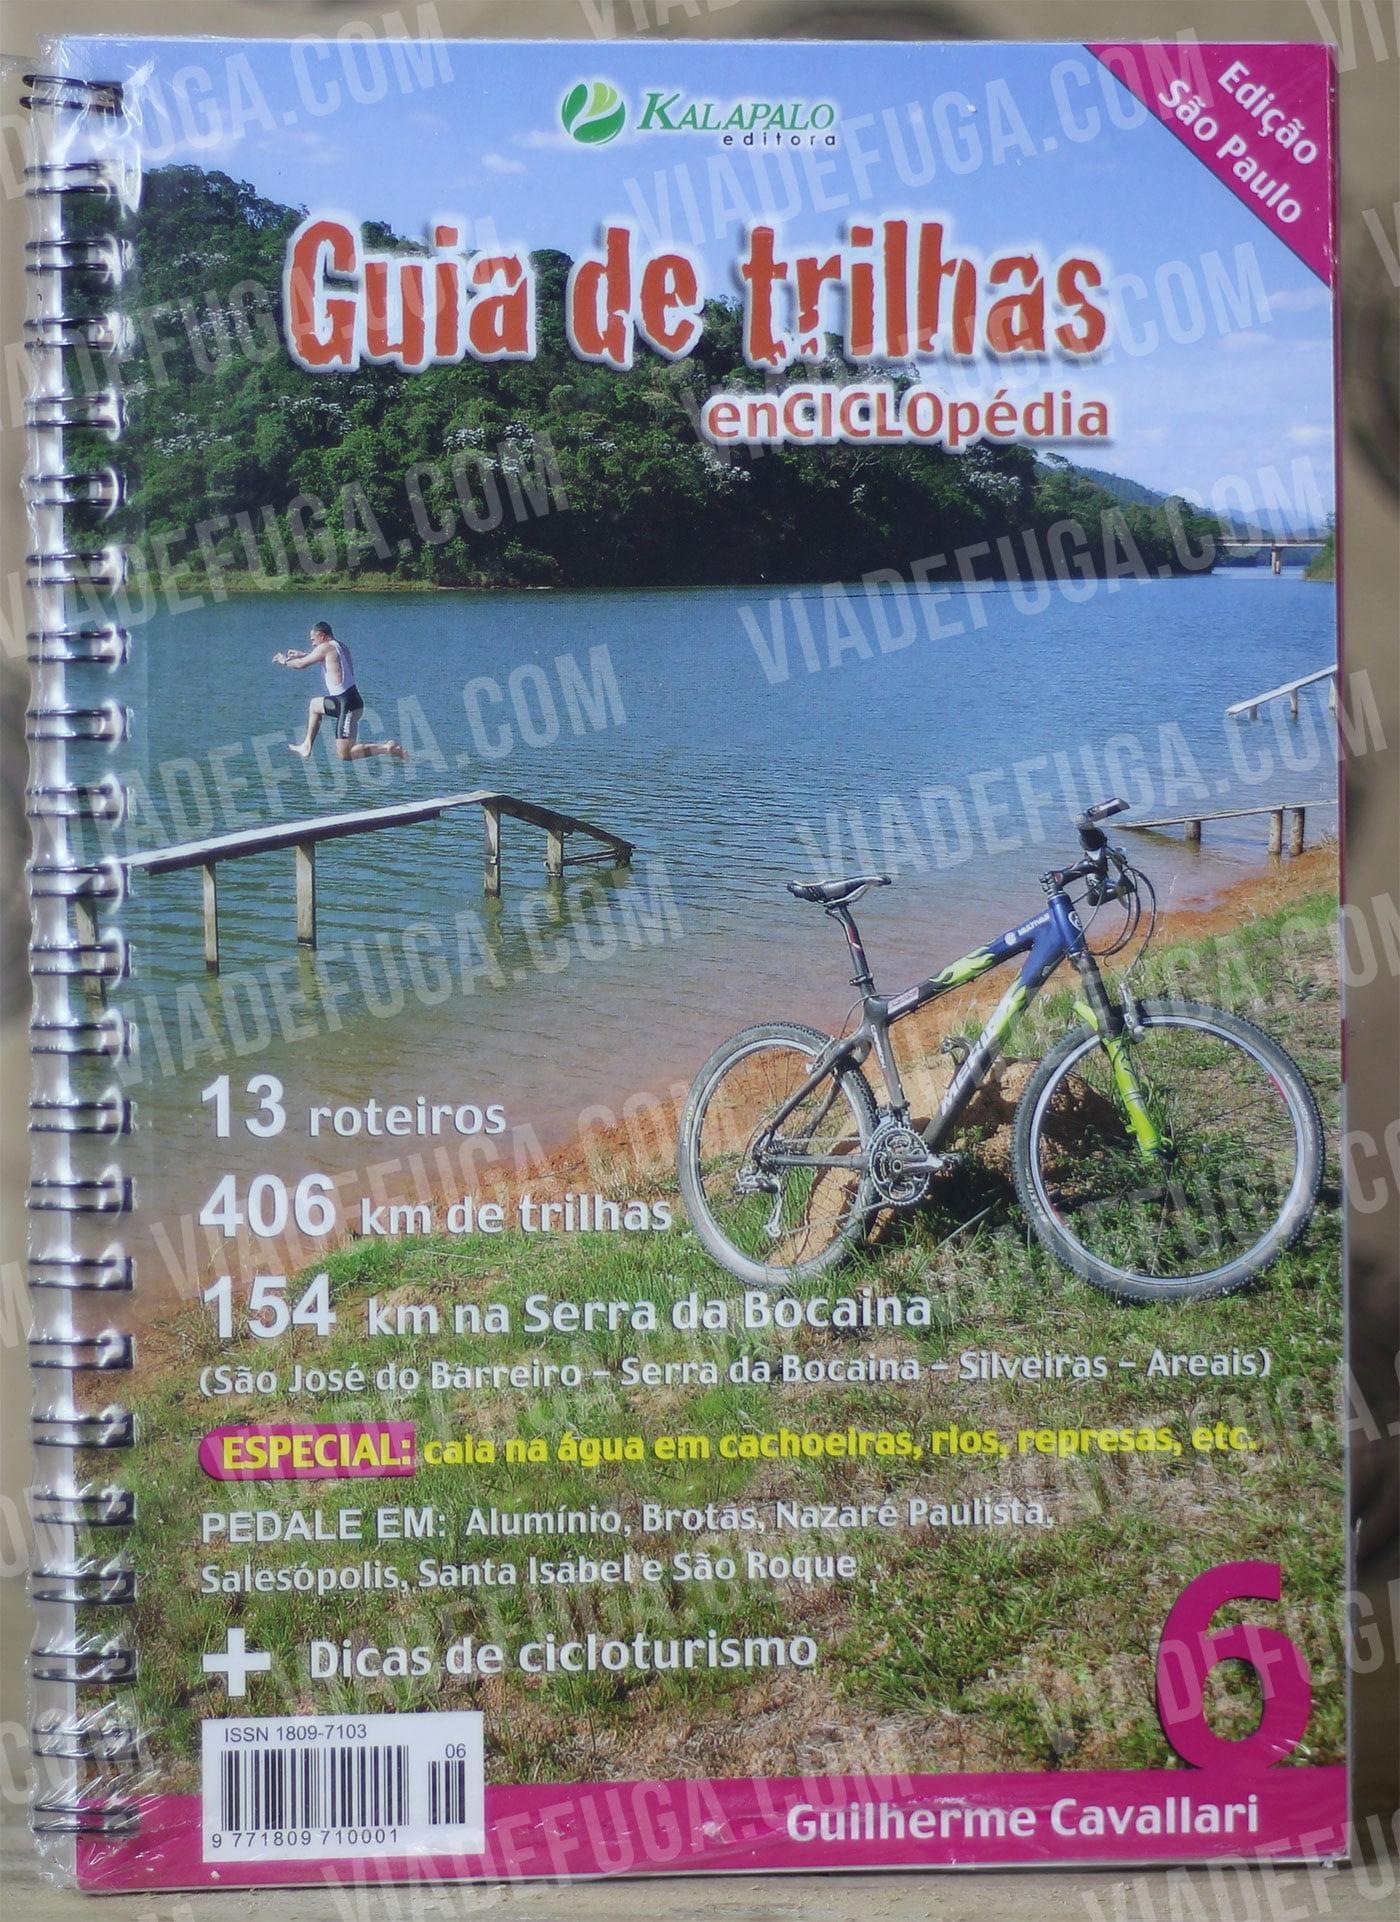 GUIA DE TRILHAS ENCICLOPÉDIA (VOL. 6)